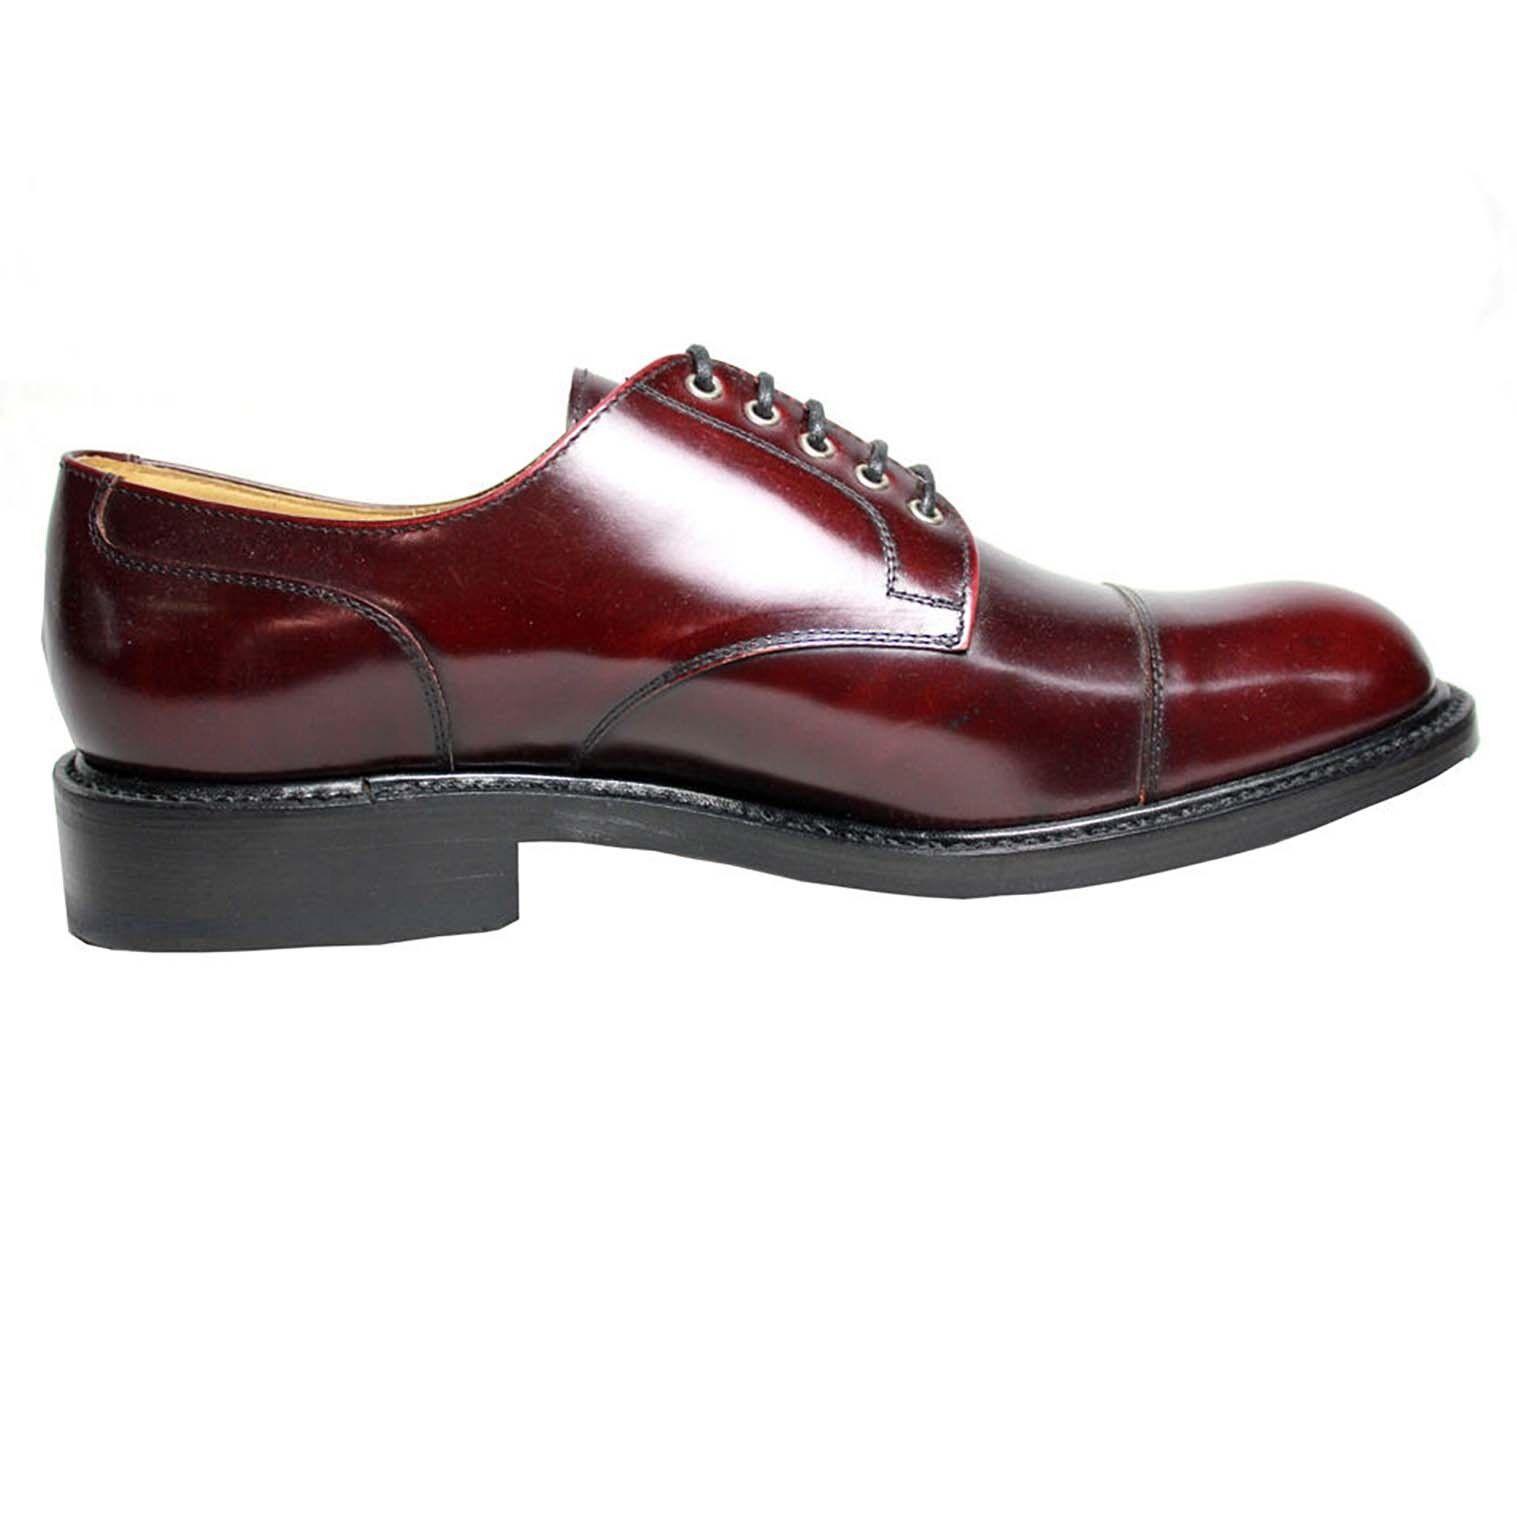 LOTUS OF ENGLAND Scarpa allacciata uomo modello AMERTON colore bordeaux Scarpe classiche da uomo